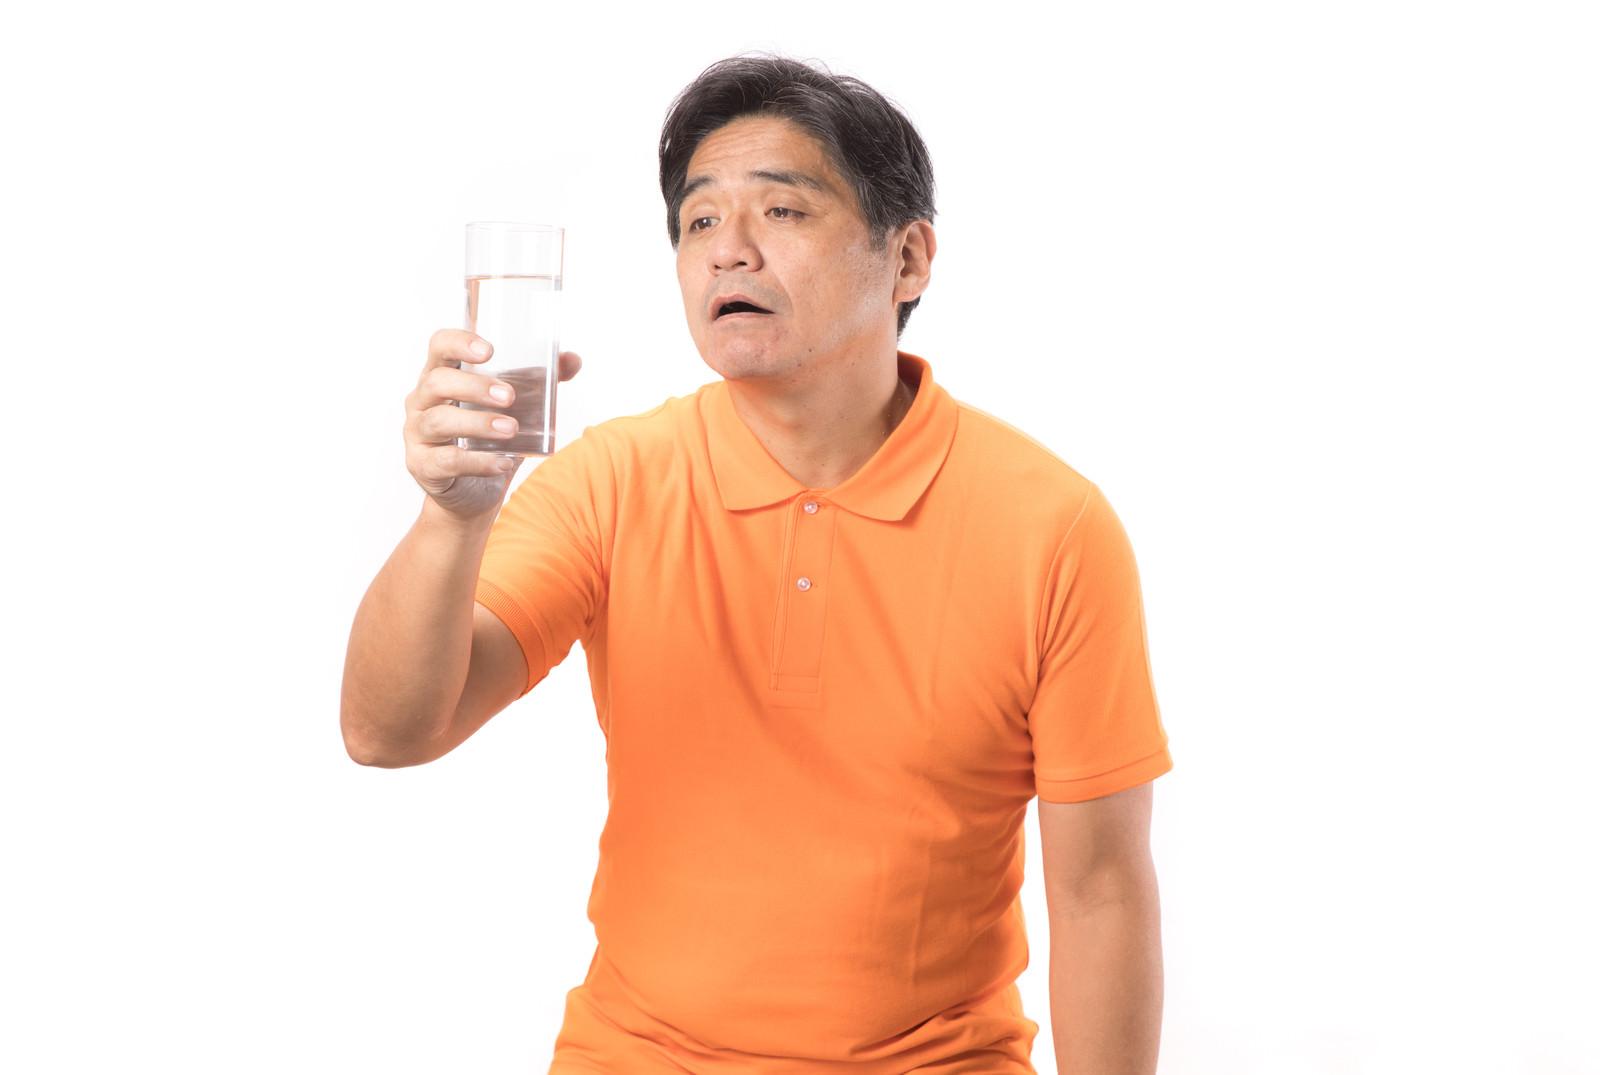 「熱中症気味の男性がコップ一杯の水を飲む熱中症気味の男性がコップ一杯の水を飲む」[モデル:よたか]のフリー写真素材を拡大